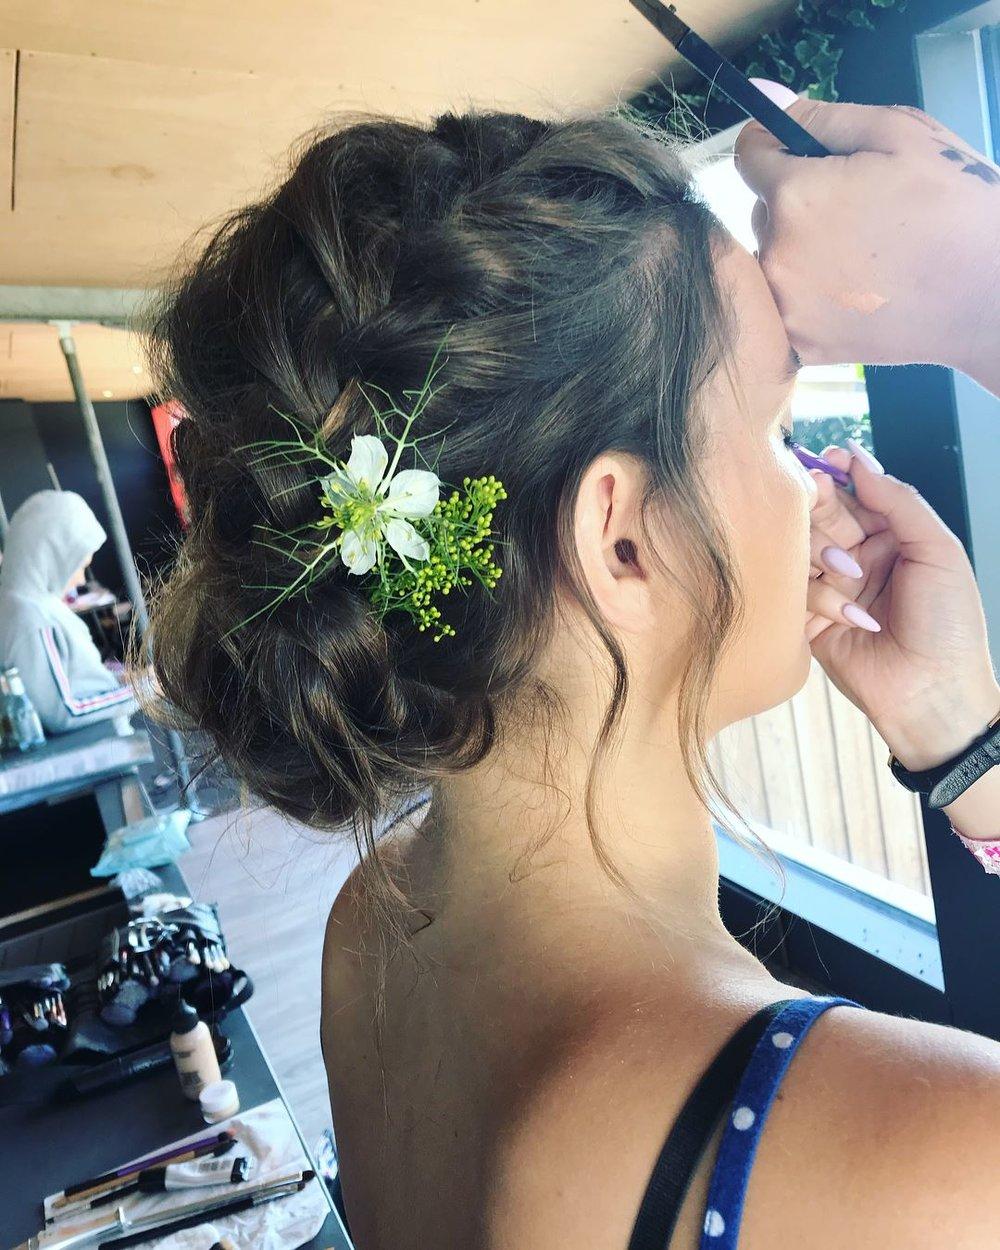 Hannah Woodgates Hair Design flower braided updo | Image courtesy of Hannah Woodgates